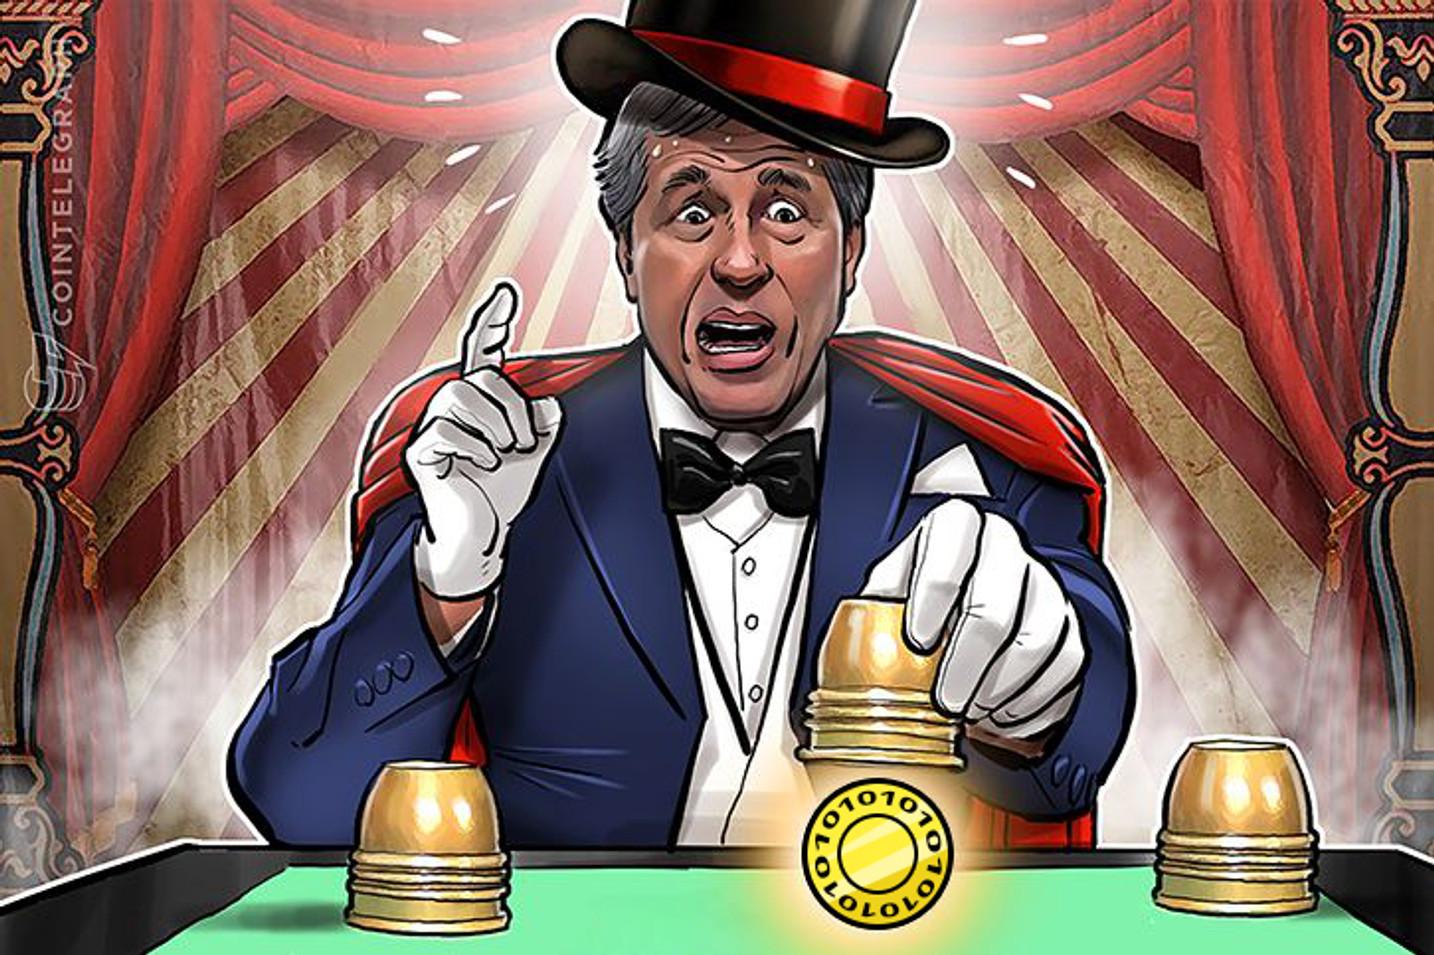 J.P Morgan definisce le criptovalute un 'avversario' ed un 'rischio' per gli affari in un rapporto alla SEC